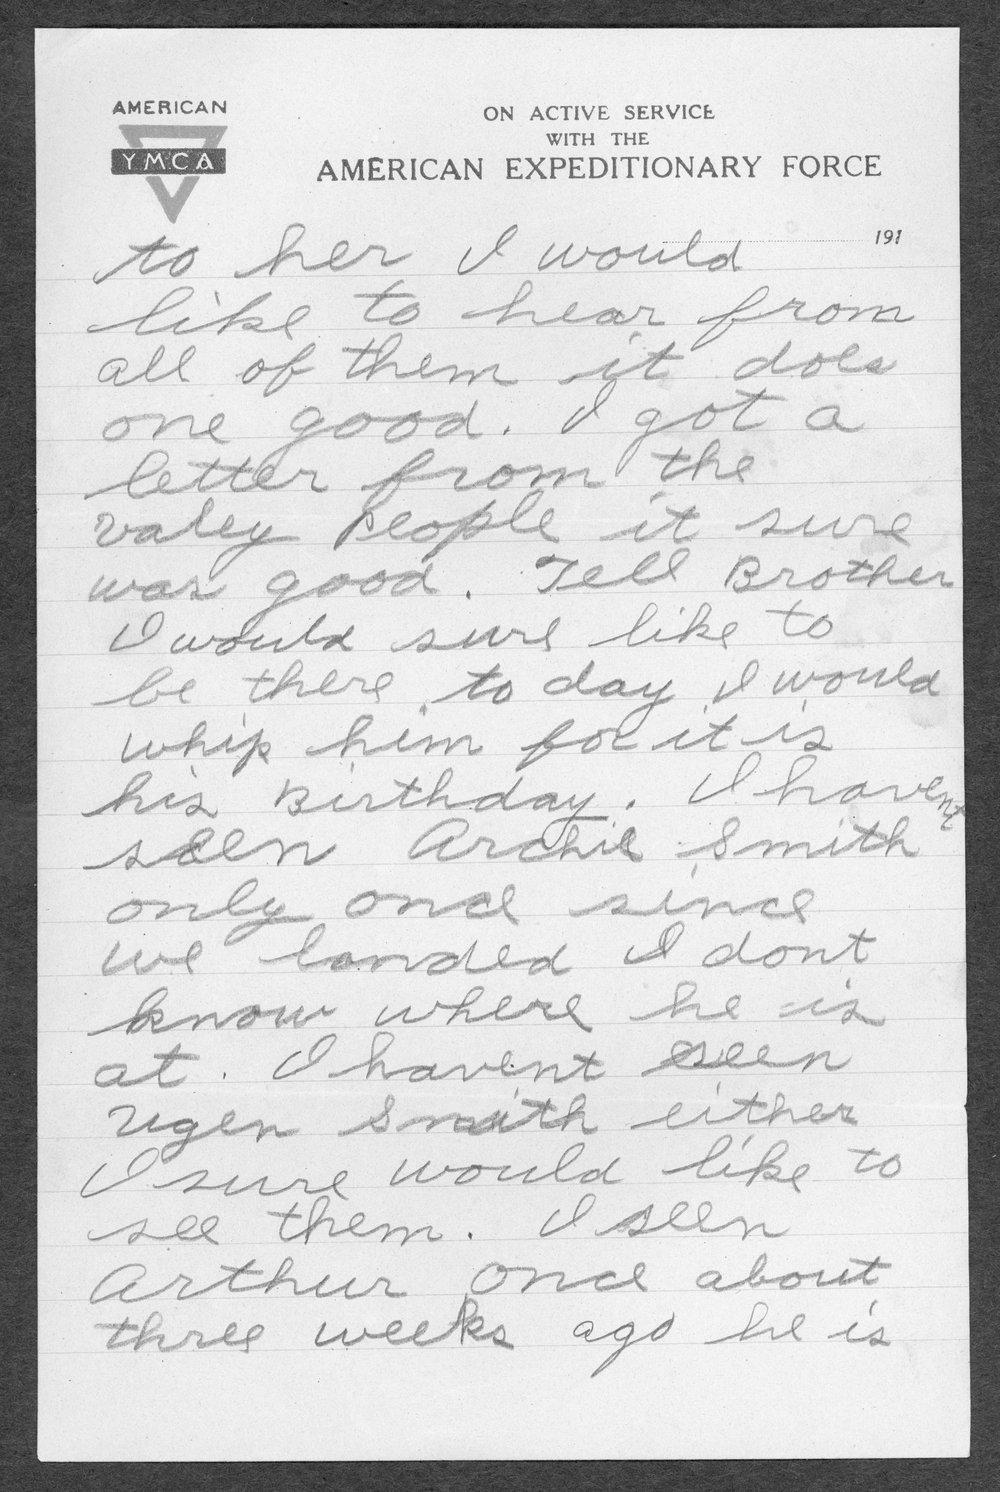 Alvin Artie Gregg, World War I soldier - 12